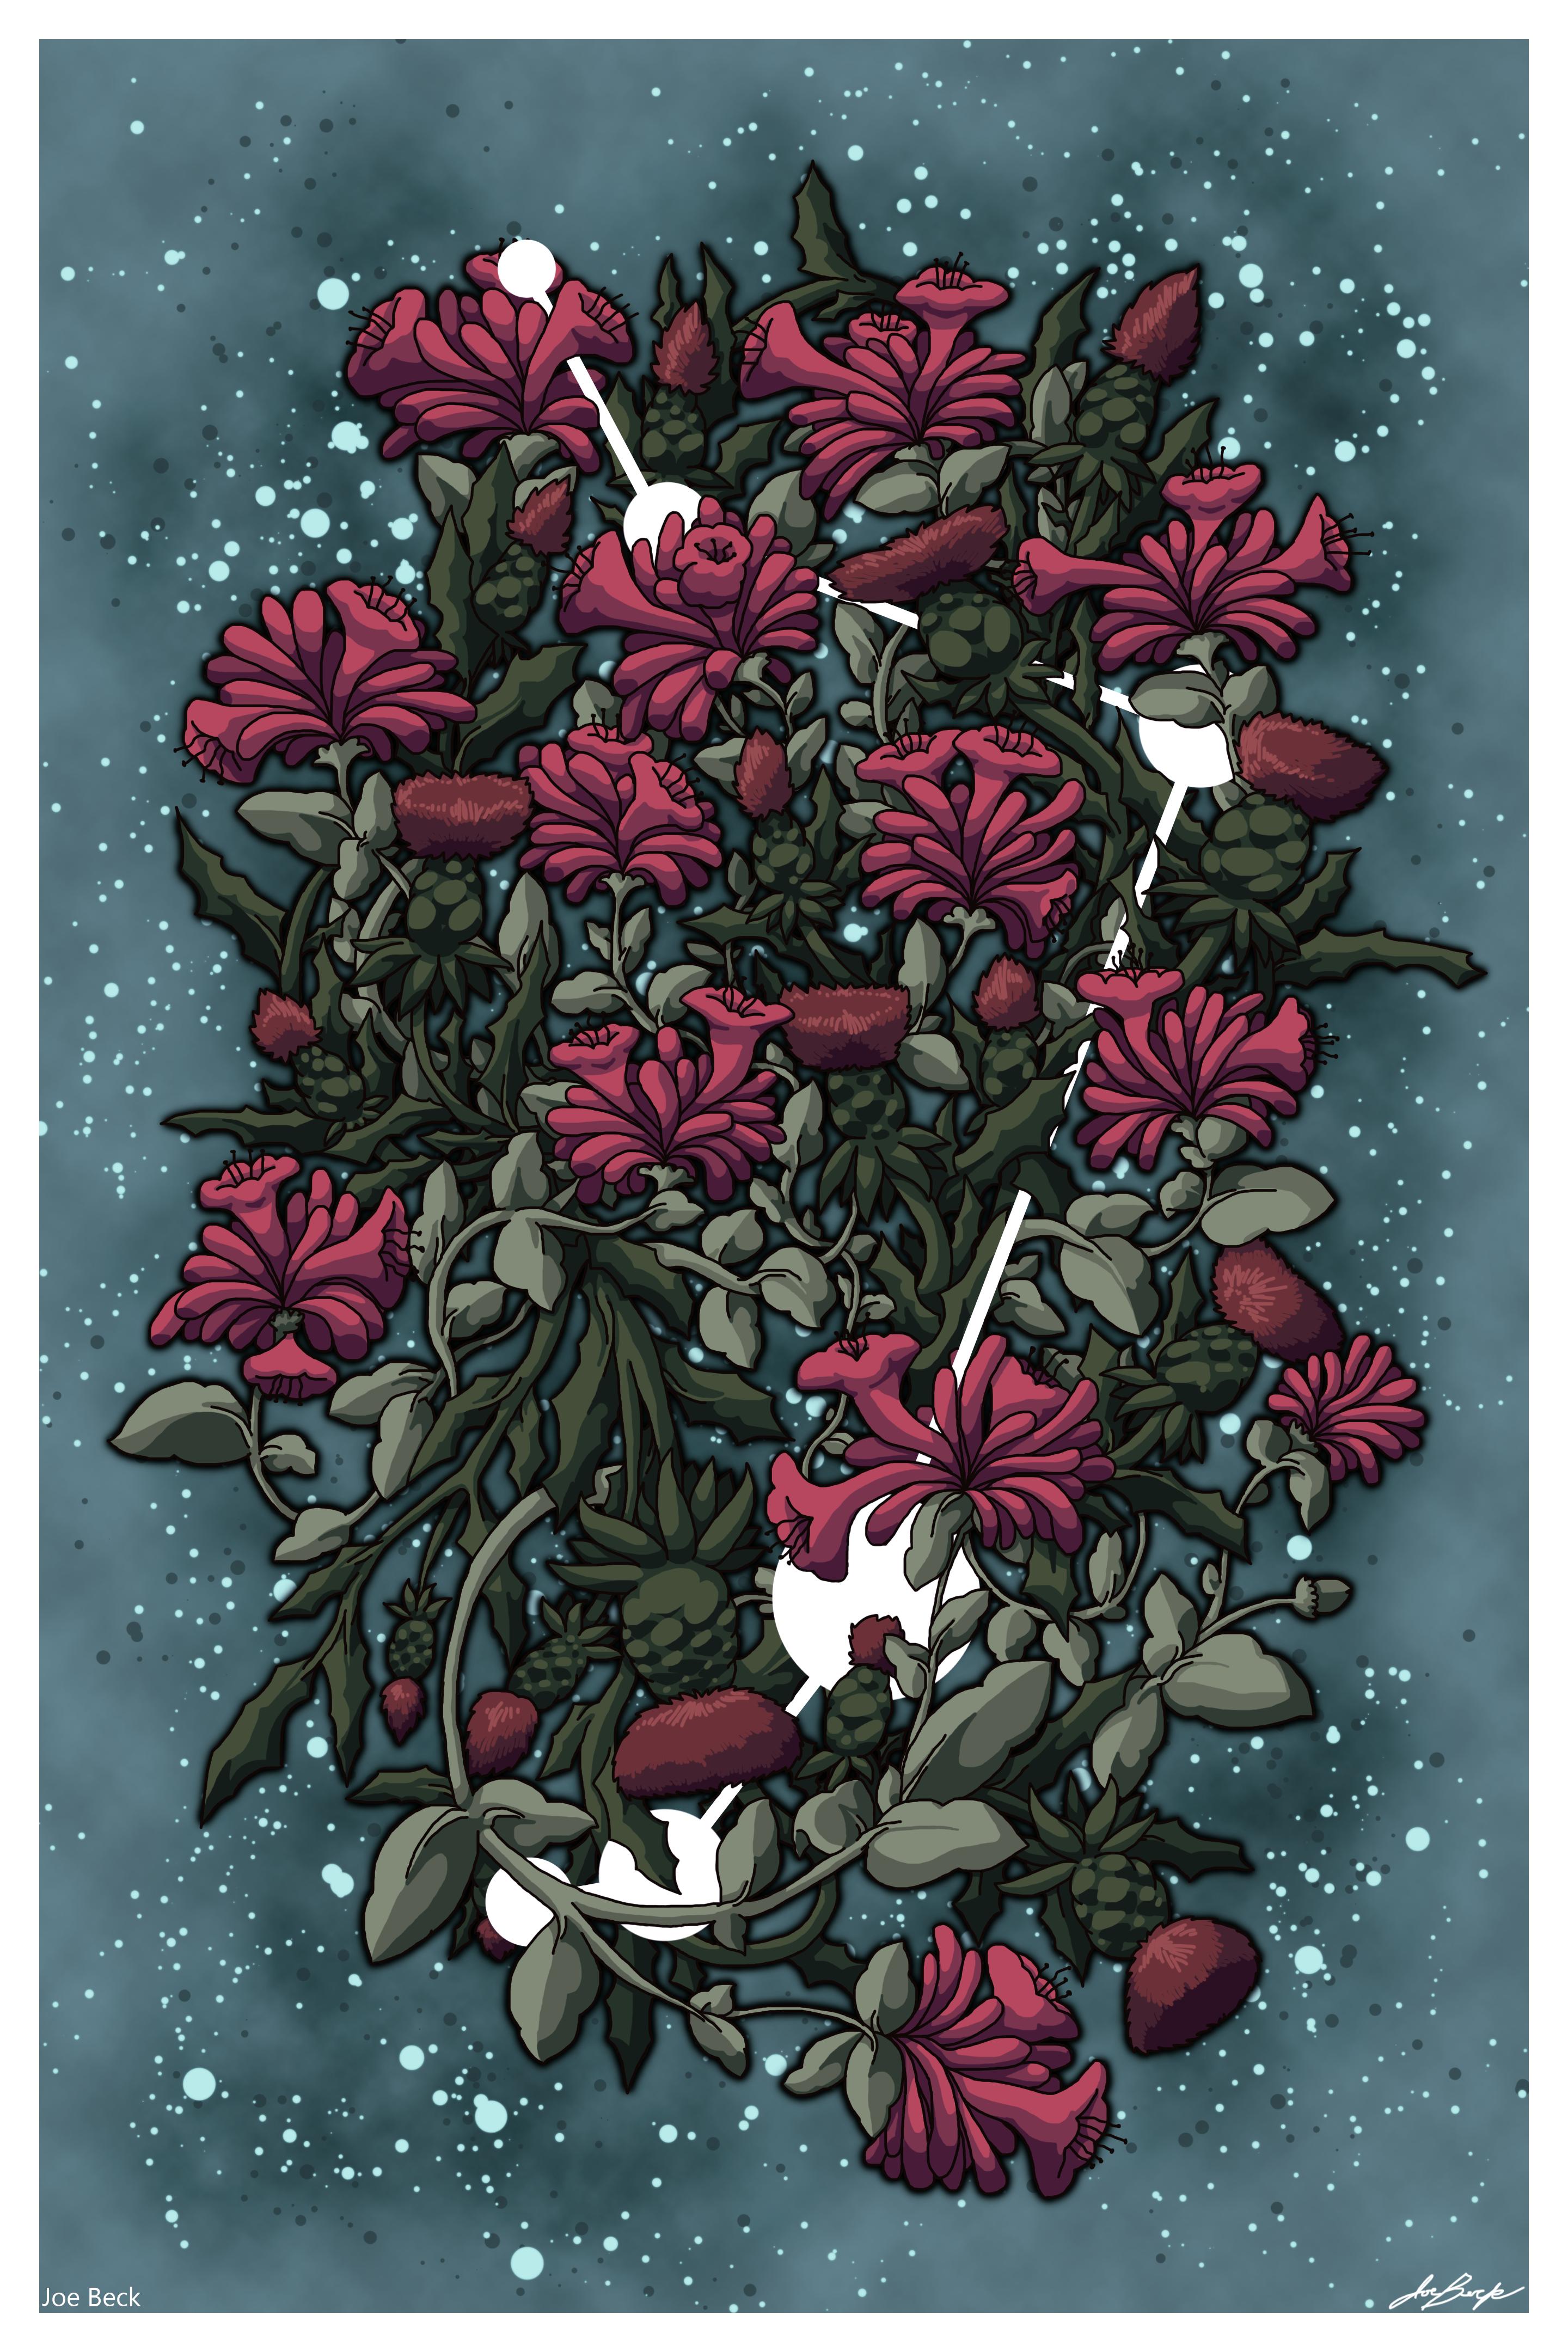 Flowers of Aries